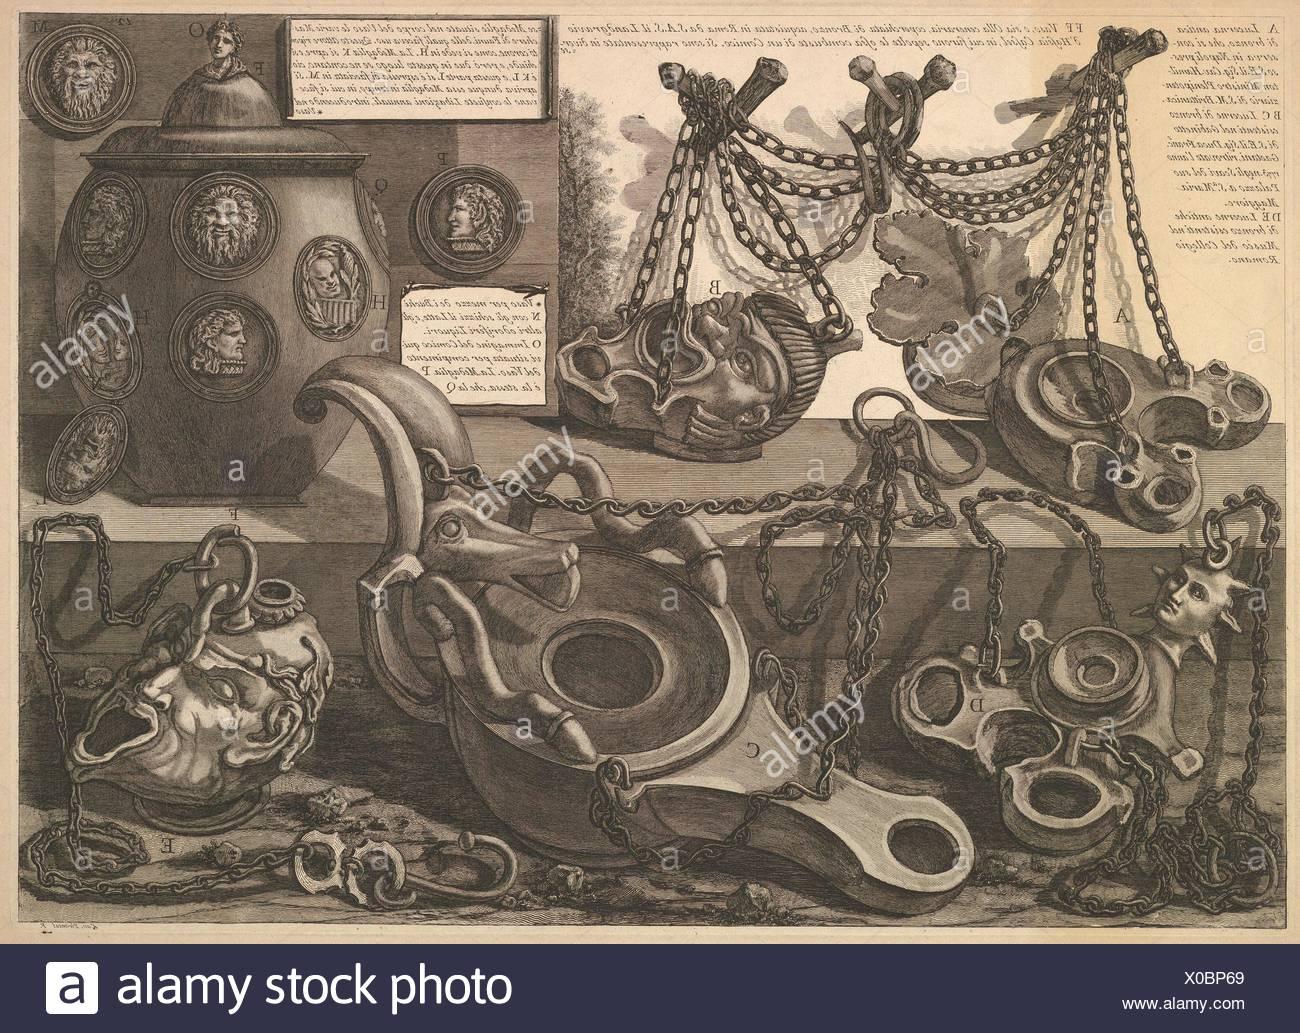 Varie lampade e un vaso encusted con cammei, da vasi, candelabri, cippi, sarcofagi, tripodi, Lucerna, ed ornamenti antichi disegnati ed incisi Immagini Stock